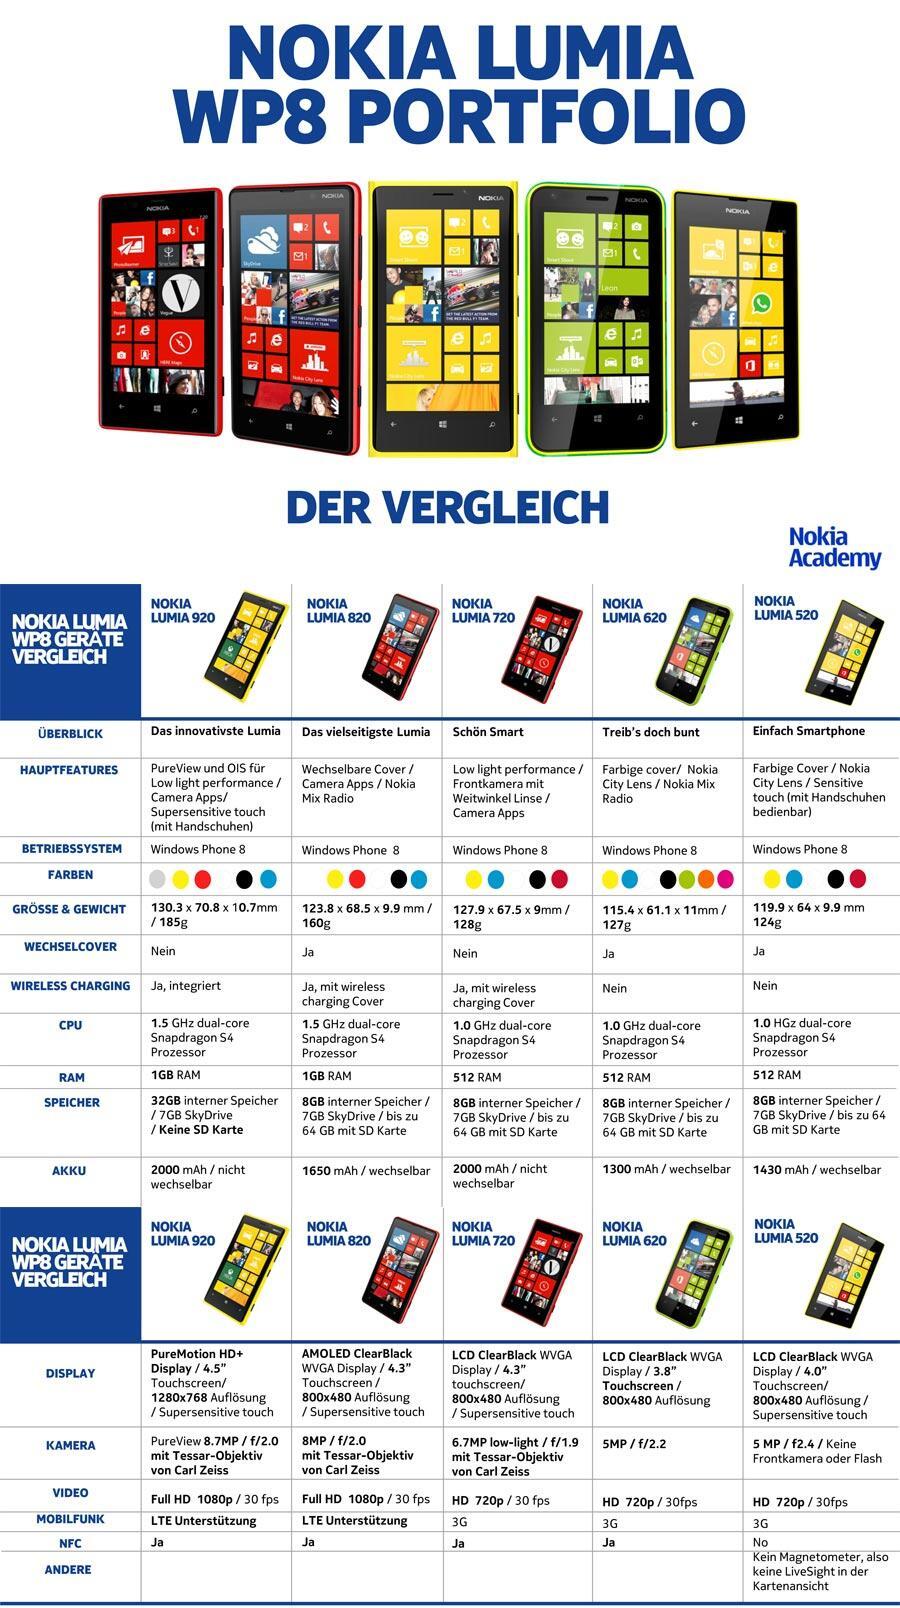 Nokia-Lumia-Portfolio-WP8-1